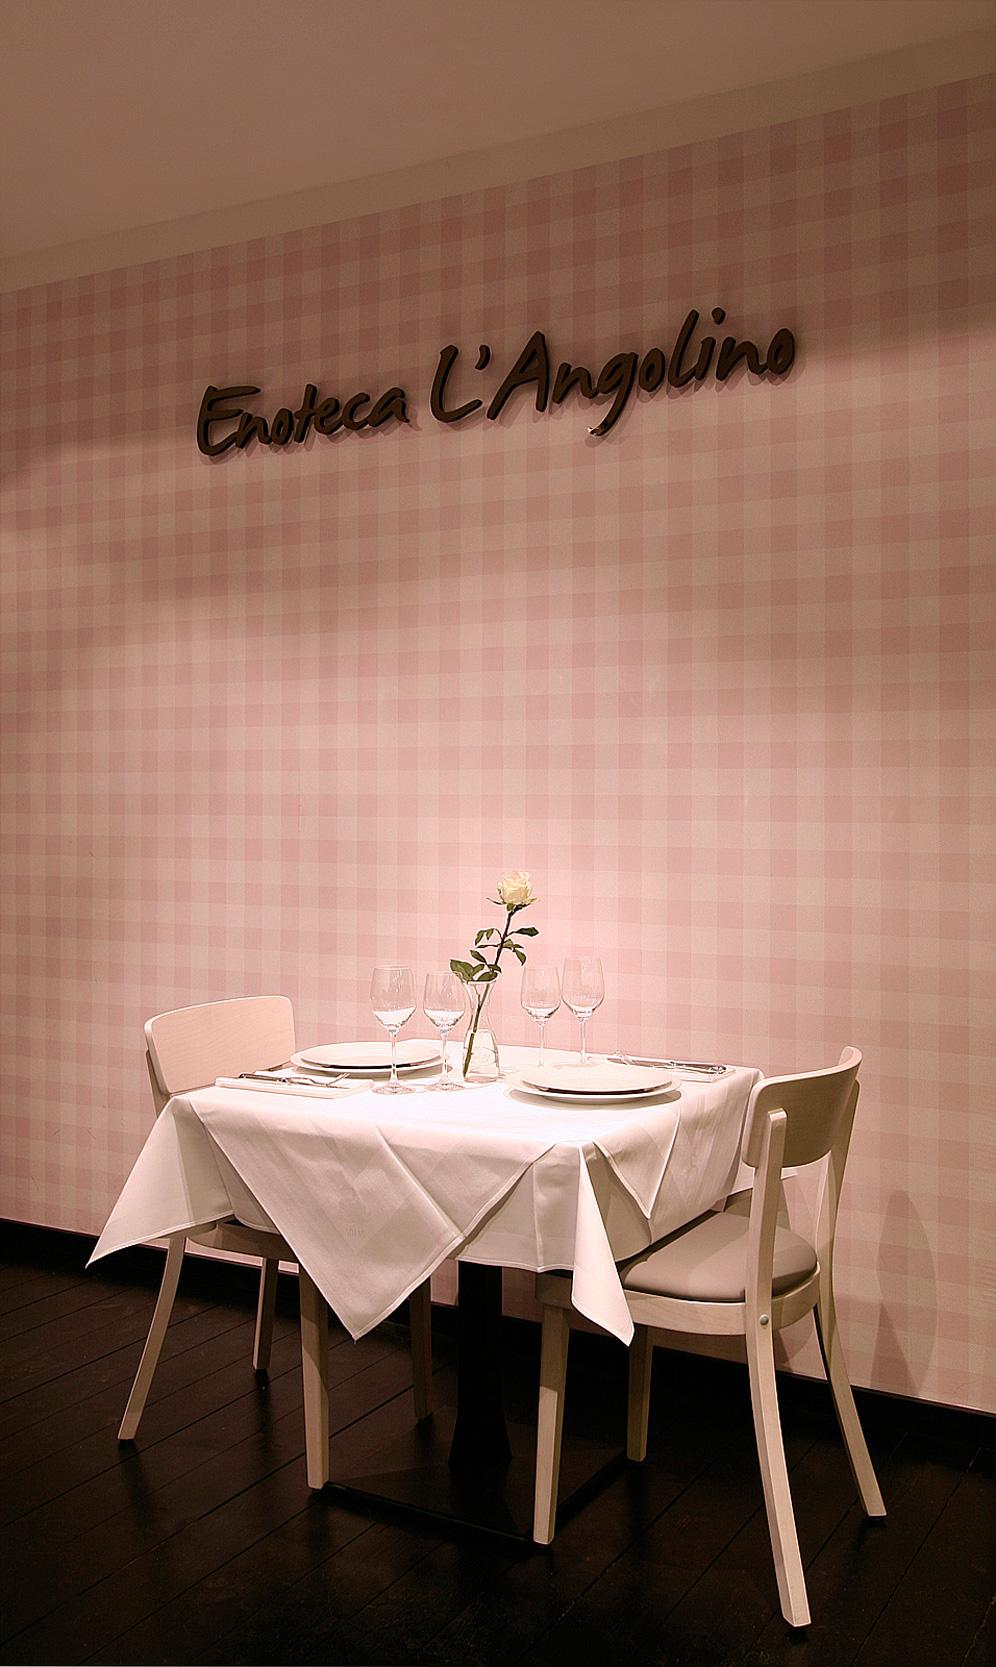 Die Wandtapete des Restaurants ist ein Eigenentwurf im Tischdecken-Muster